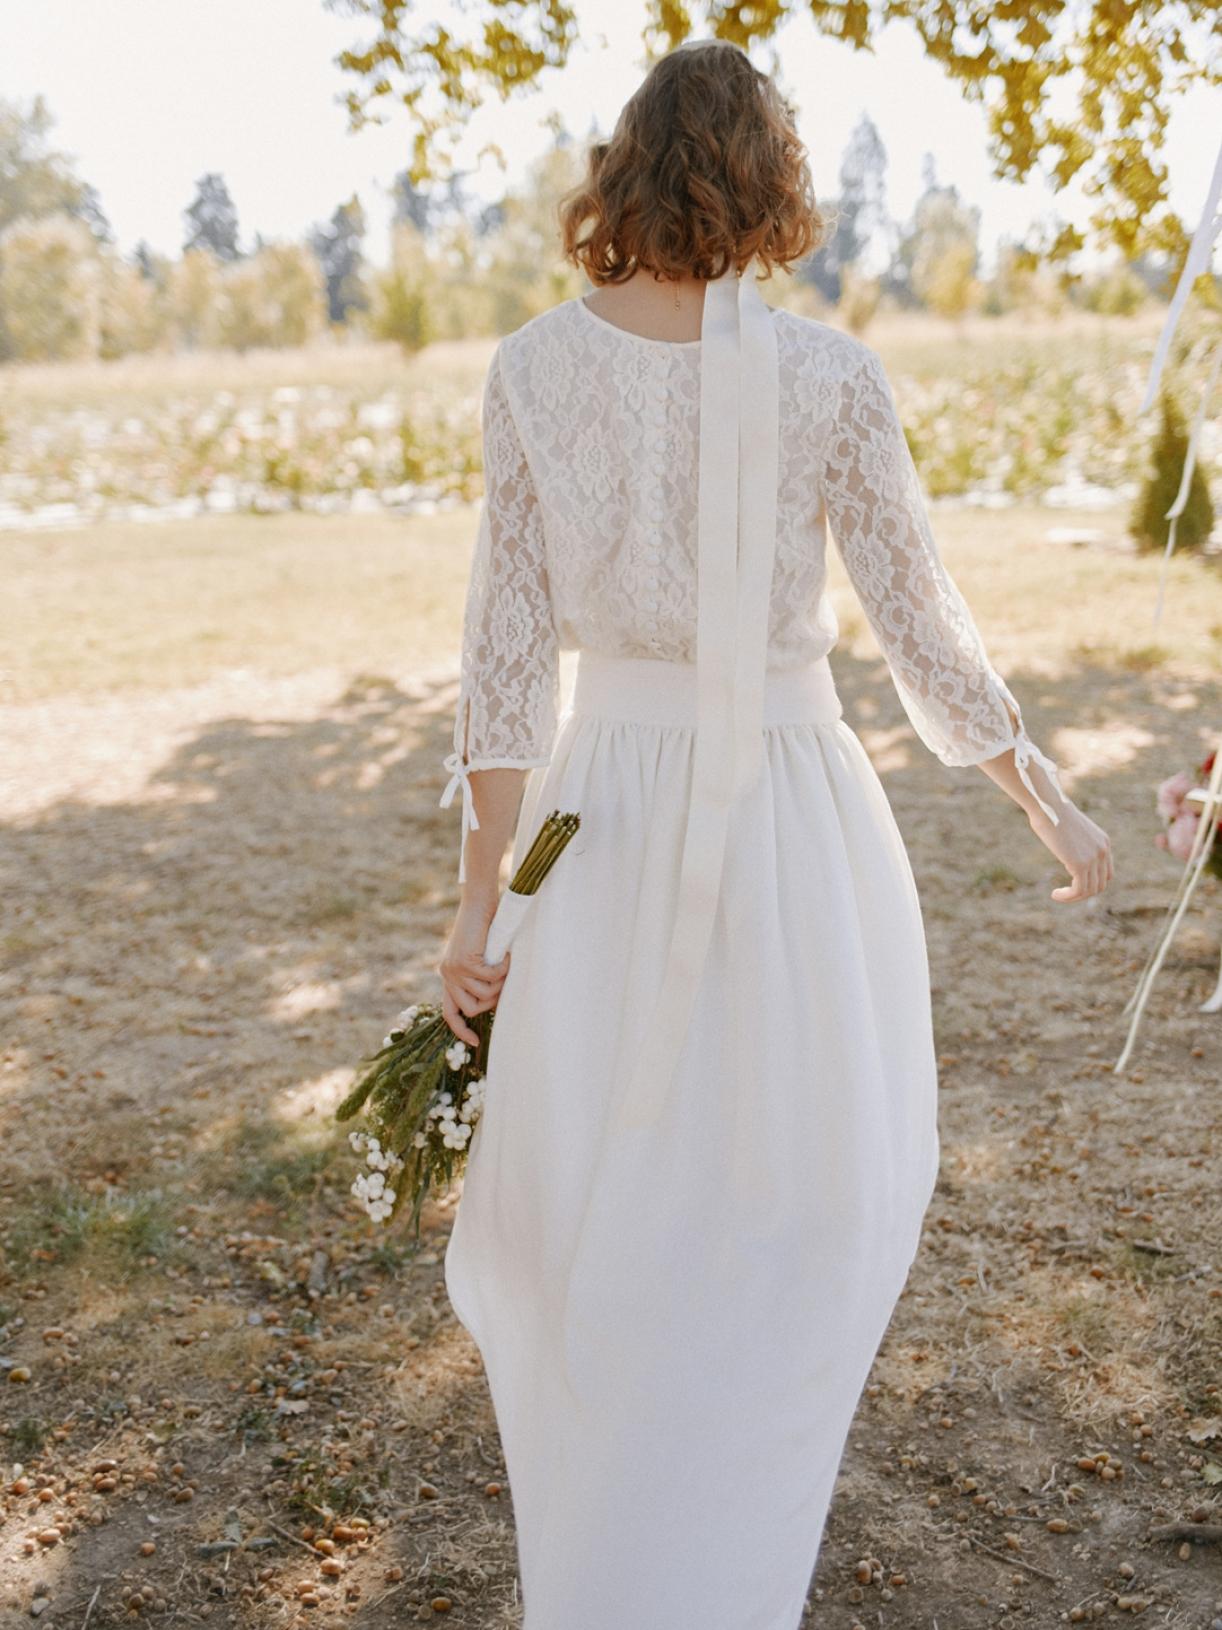 CHARLOTTE - Blouse de mariée romantique en dentelle